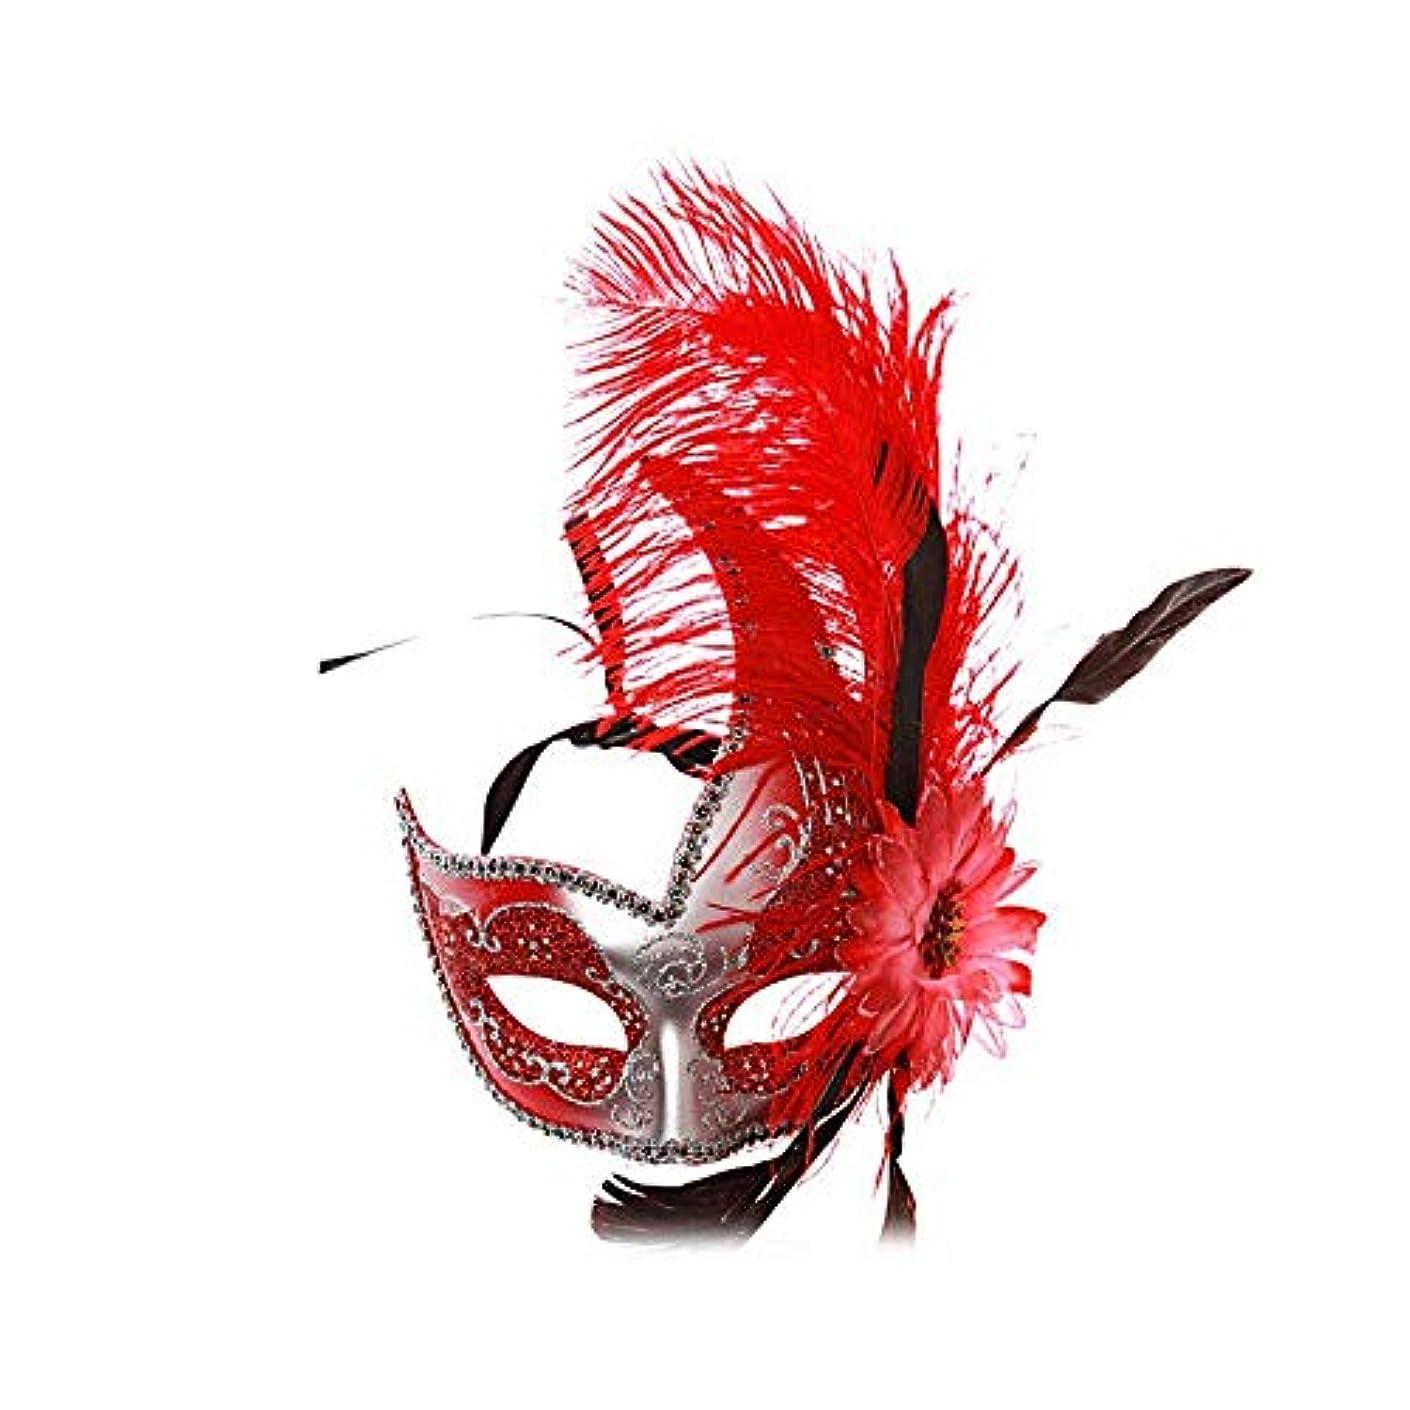 タイトルぼろ失態Nanle ハロウィンマスクハーフフェザーマスクベニスプリンセスマスク美容レース仮面ライダーコスプレ (色 : Style B red)